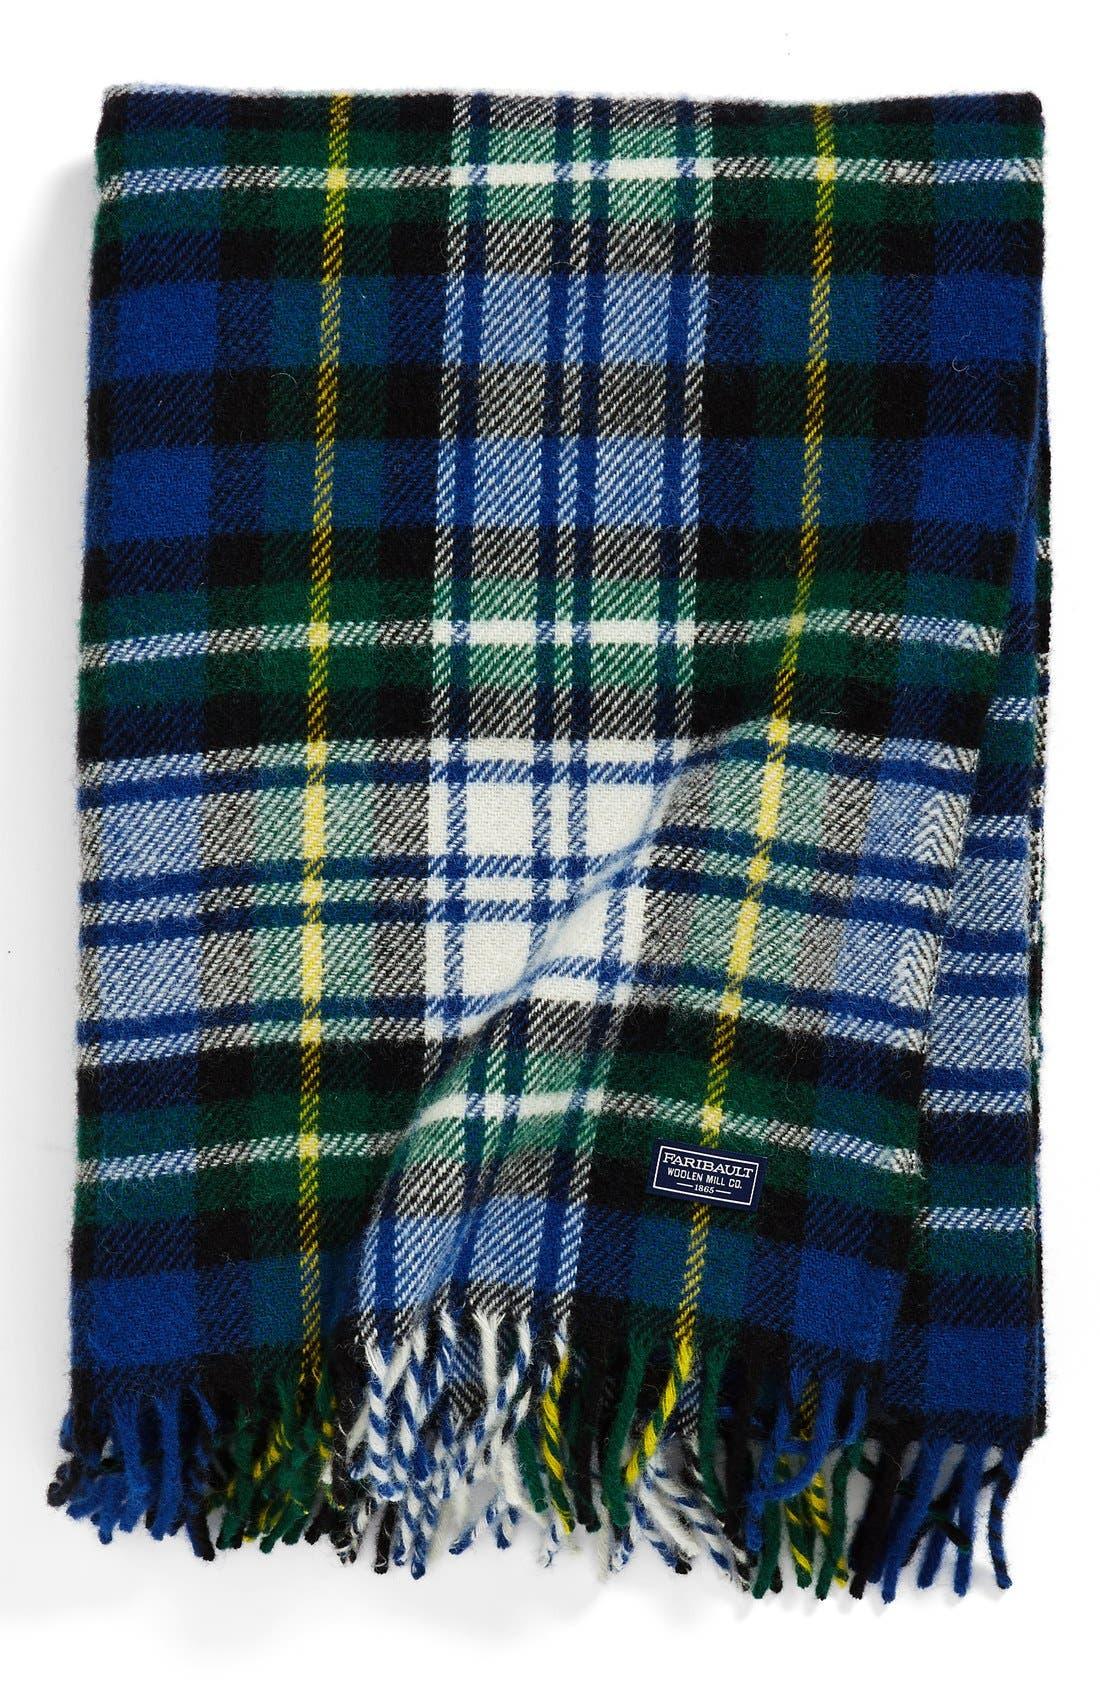 Alternate Image 1 Selected - Faribault Woolen Mill 'Stewart Plaid' Wool Throw Blanket